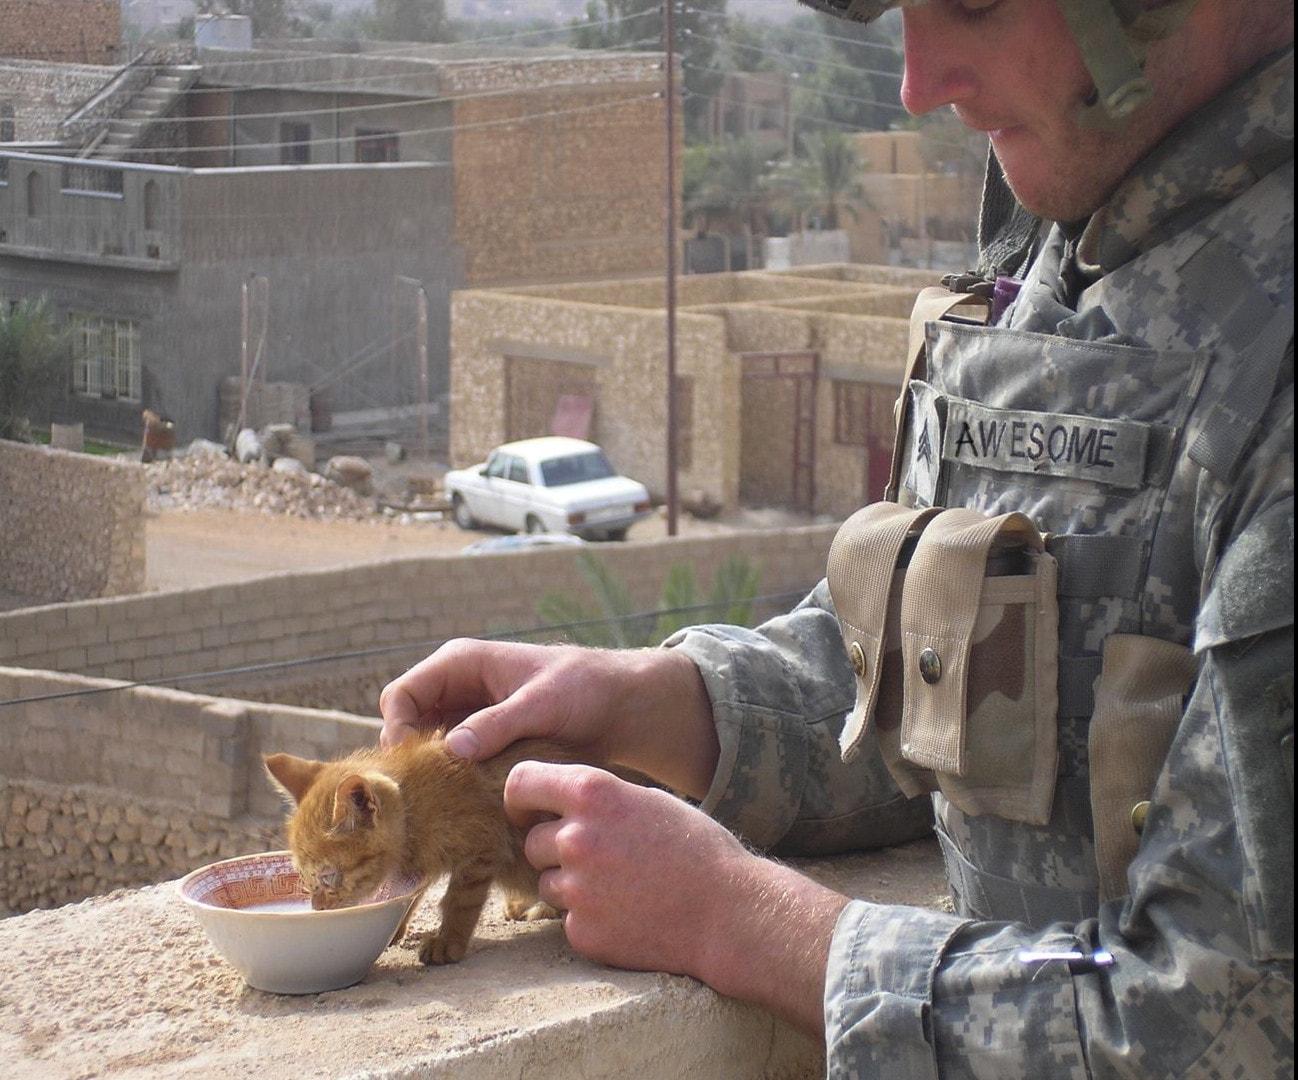 Солдат кормит бездомного рыжего котенка